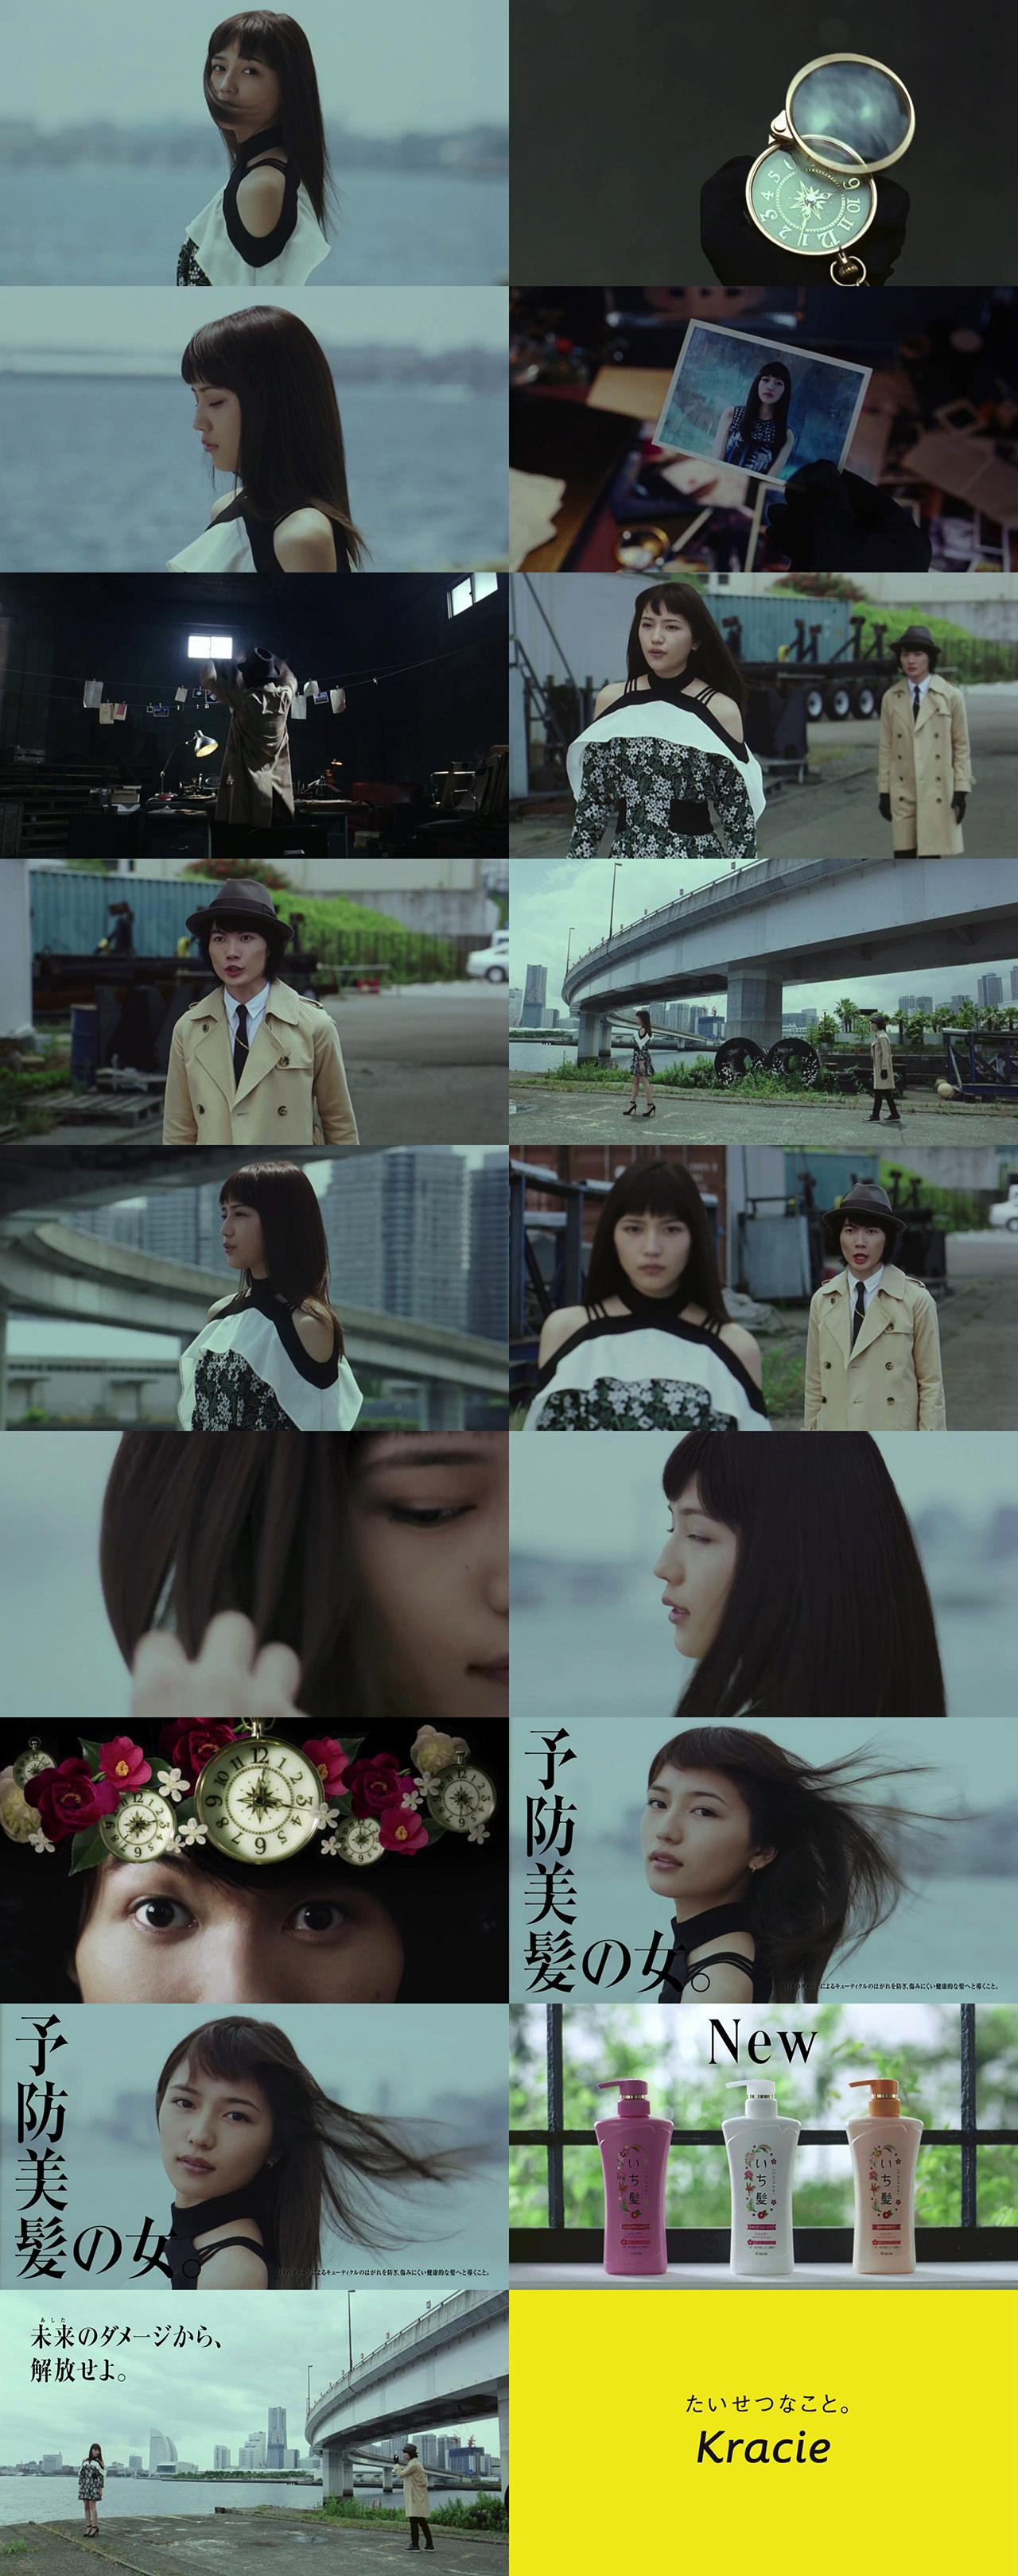 160722_kracie_ichikami_giwaku